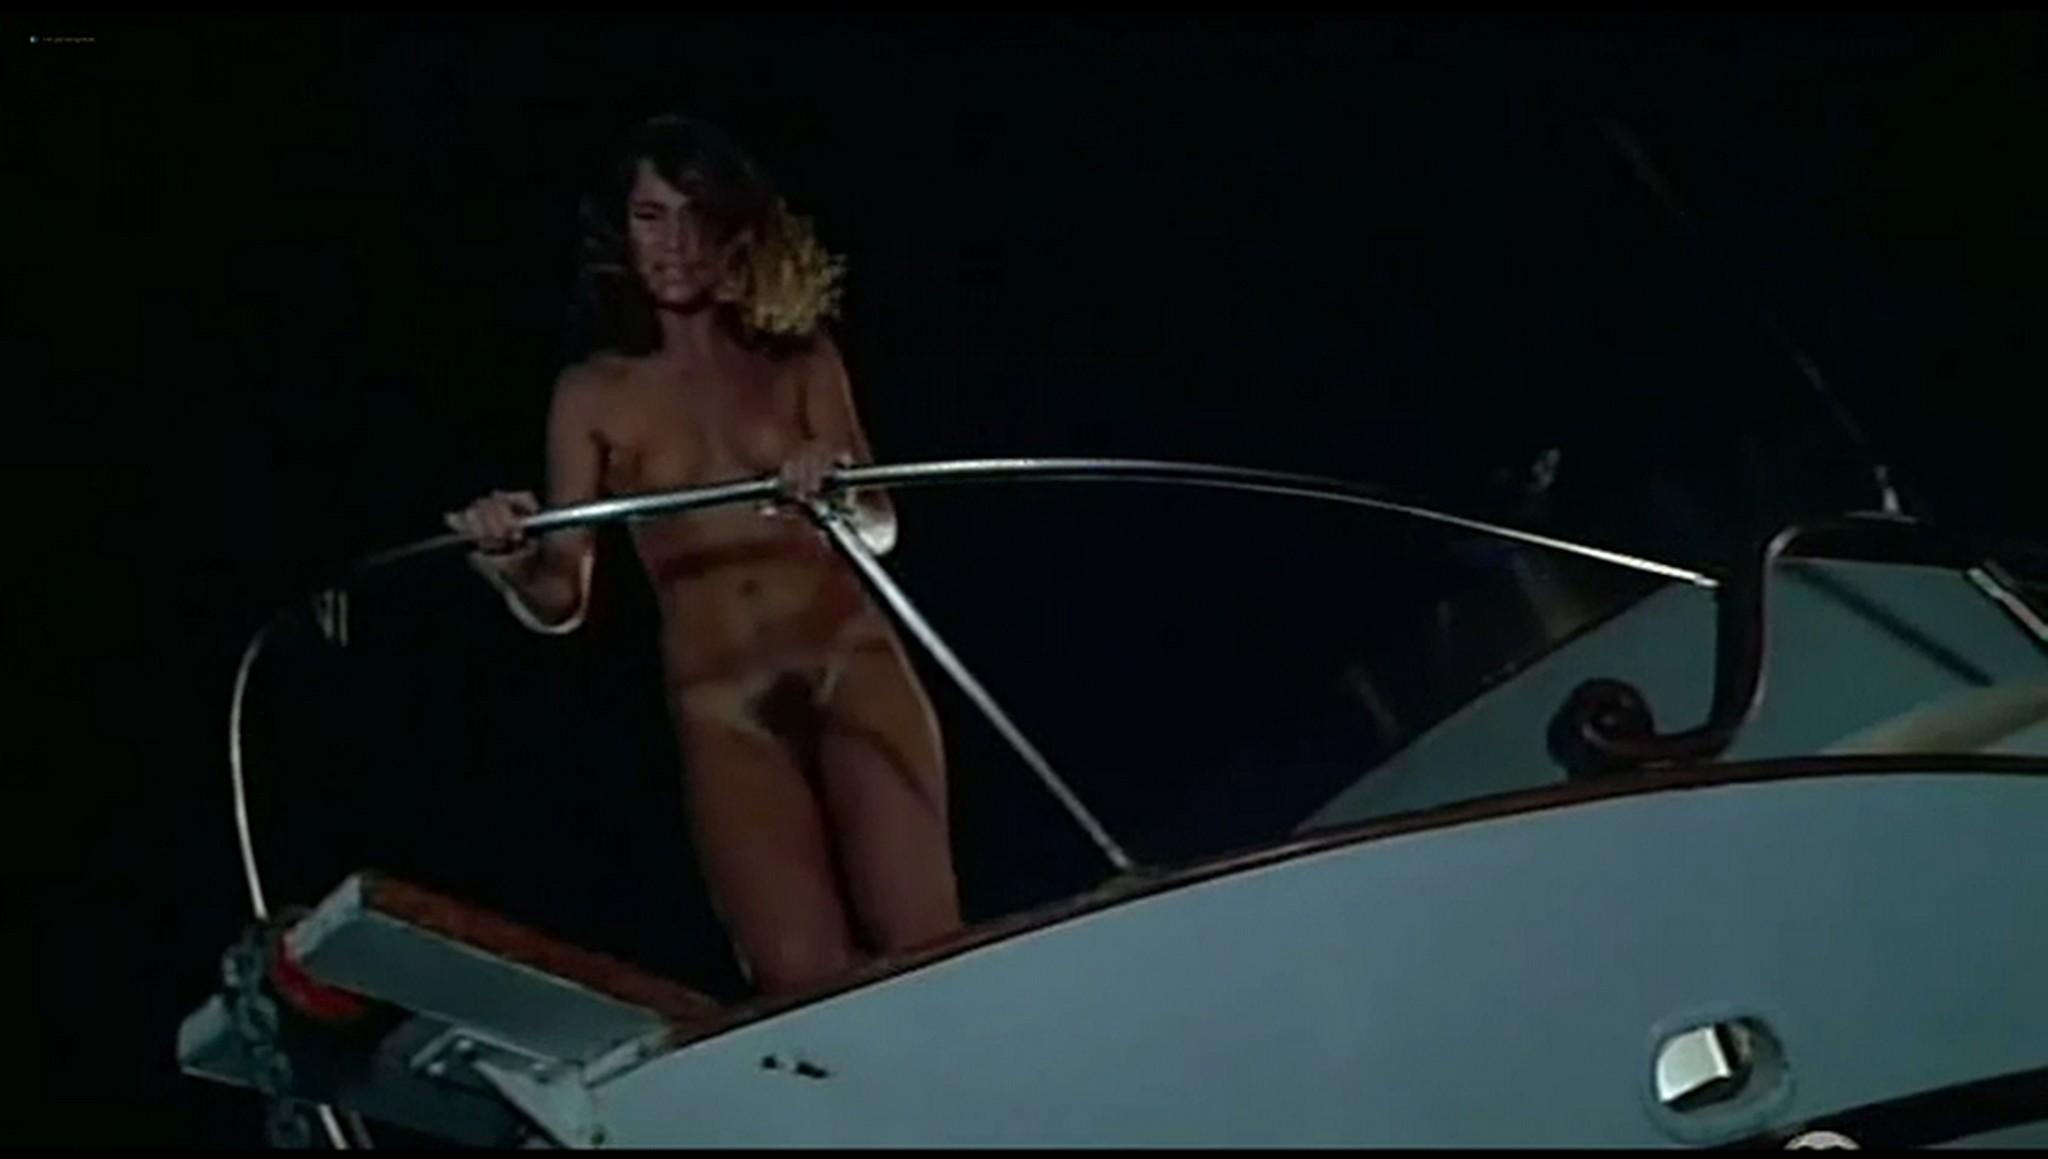 Valerie Kaprisky nude full frontal Caroline Cellier and others nude L annee des meduses 1984 23